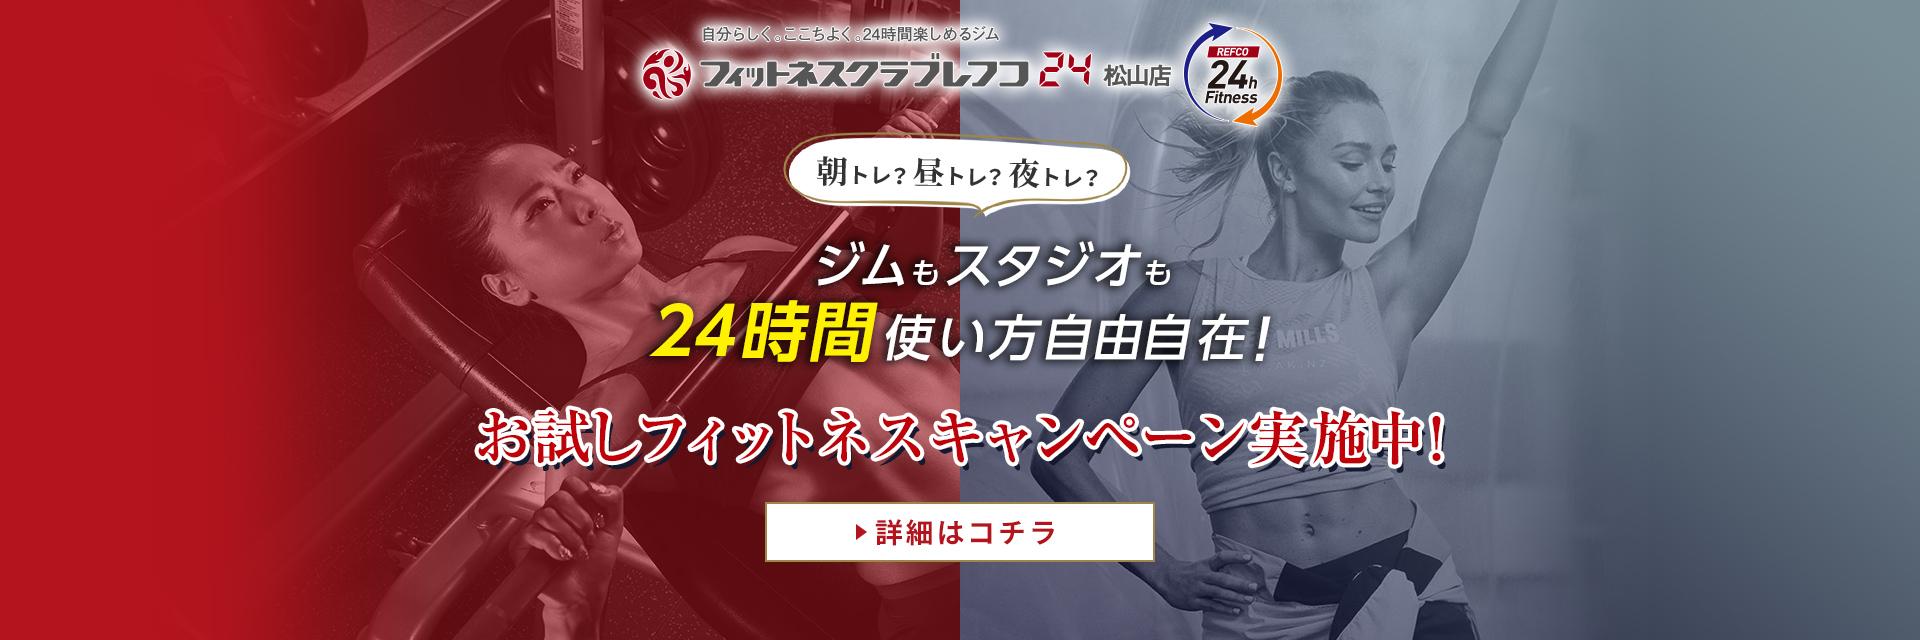 フィットネスクラブレフコ松山店 お試しフィットネスキャンペーン実施中!